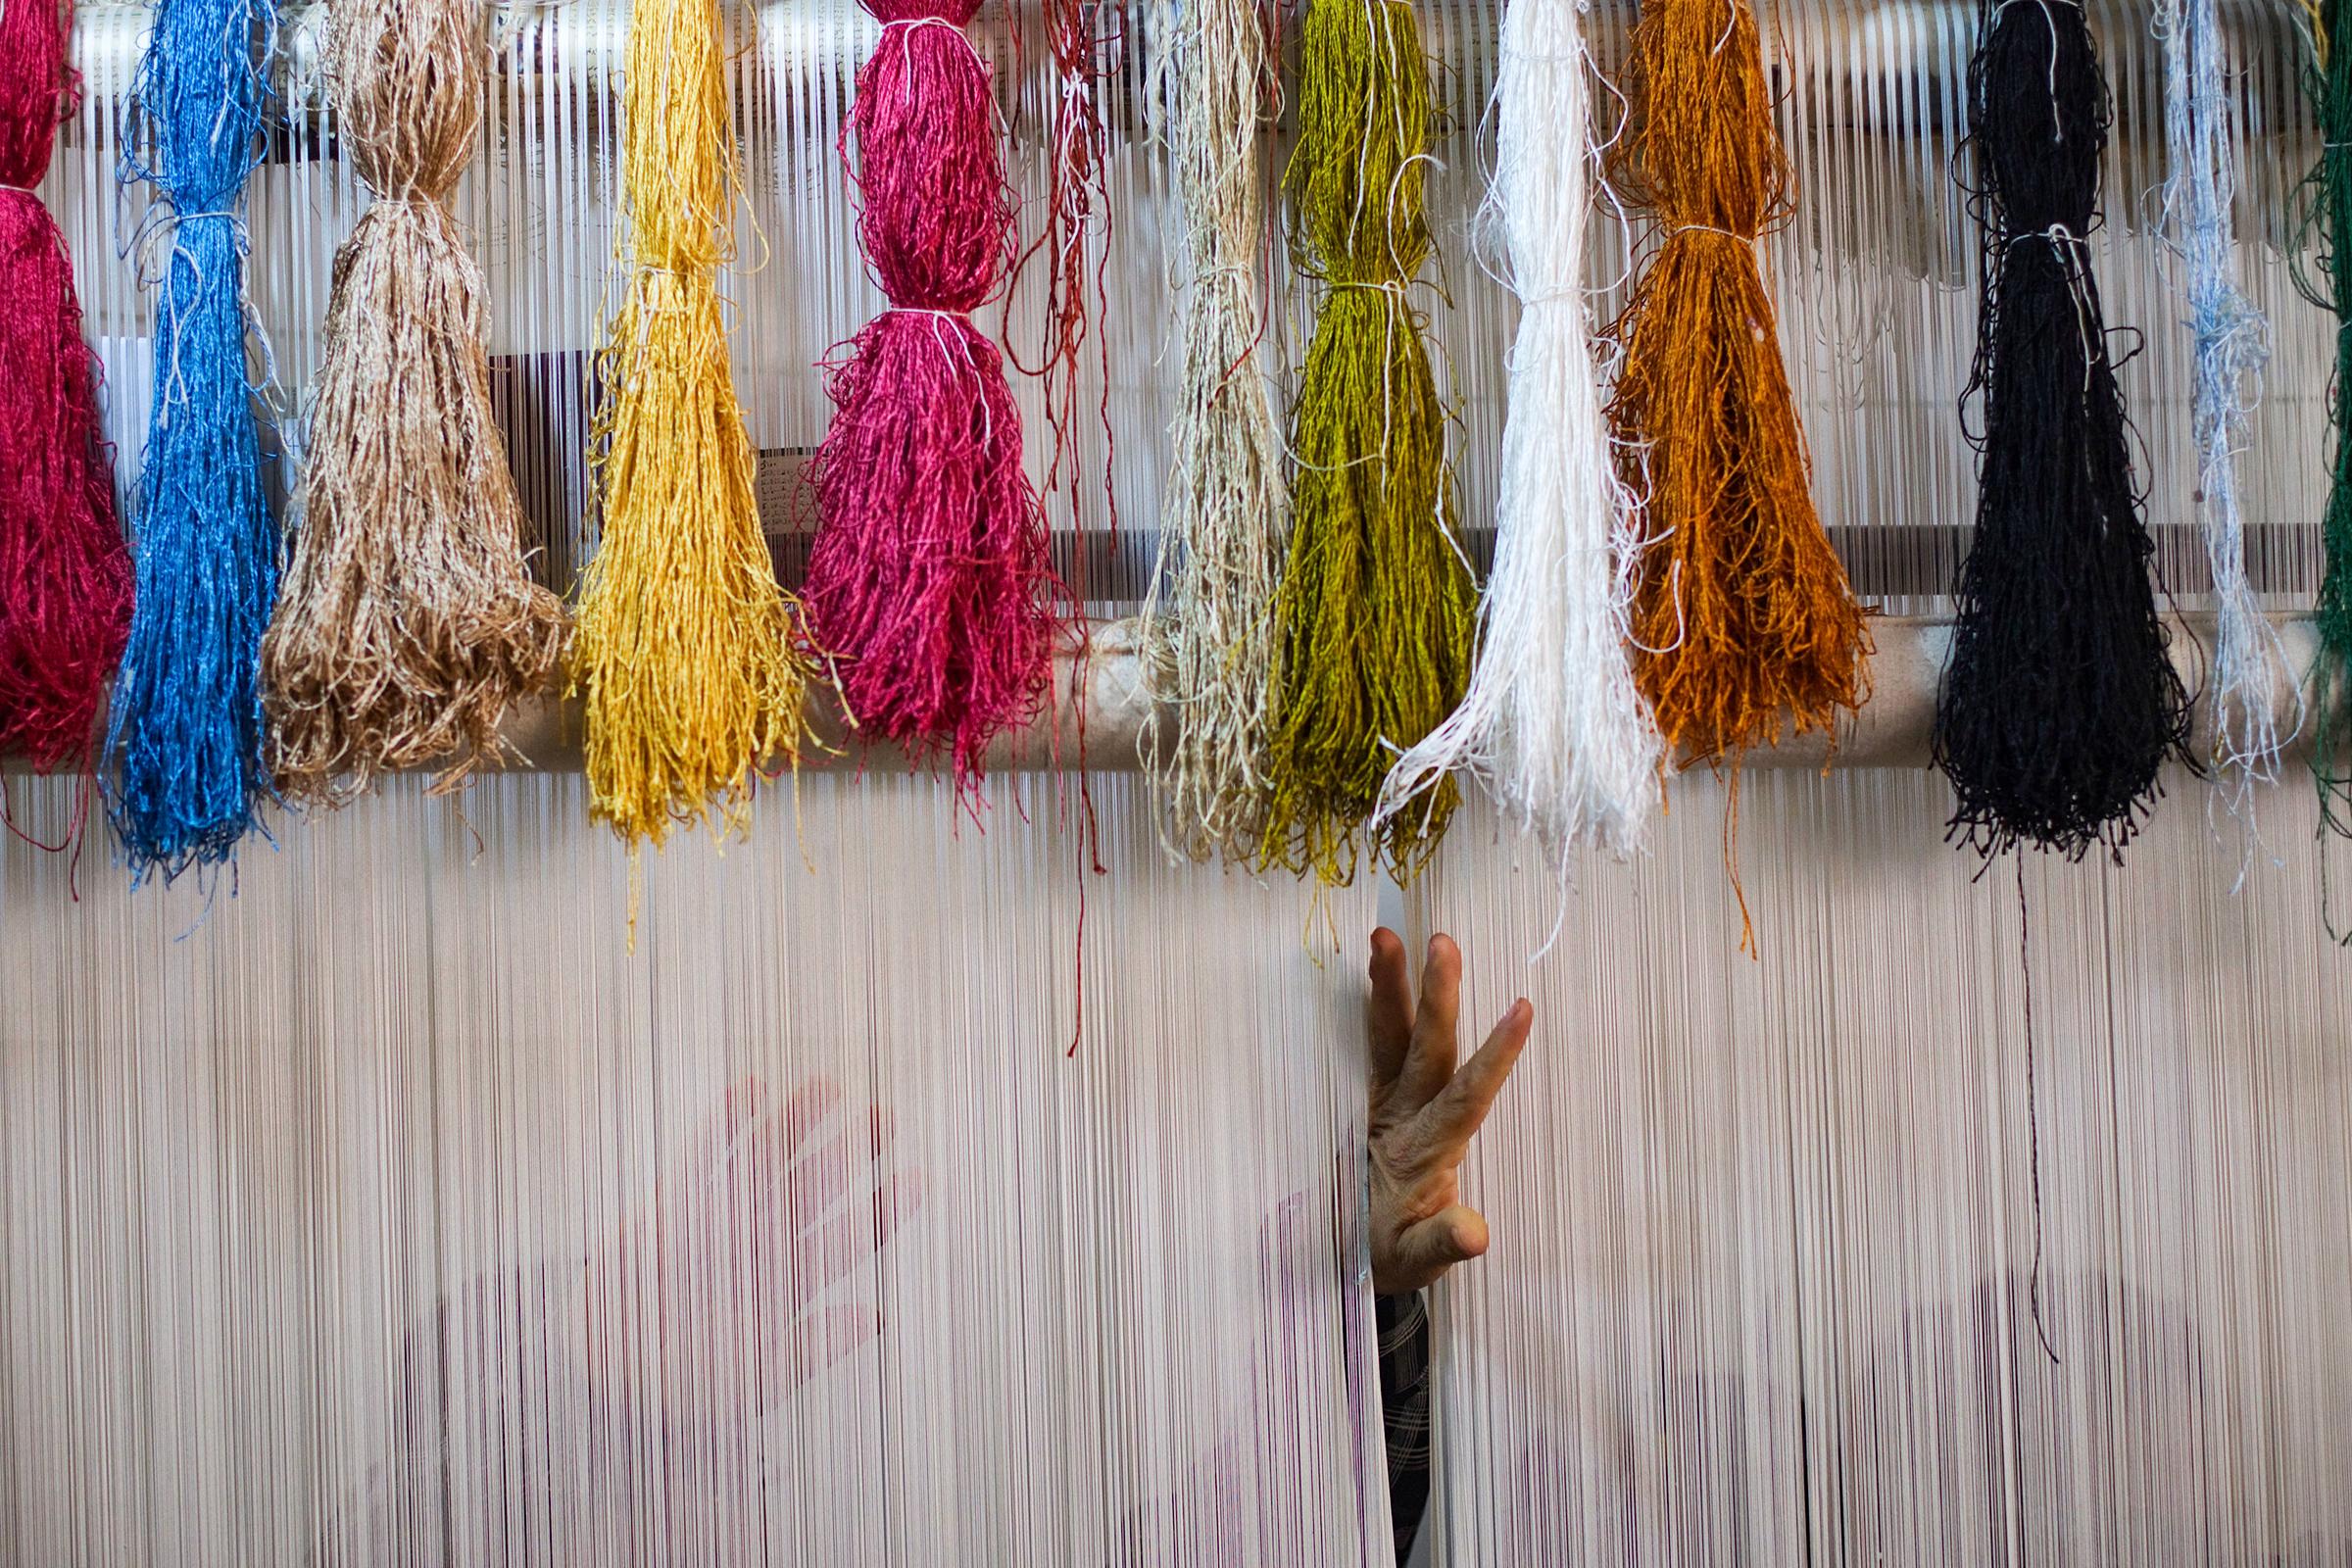 Персидские ковры — неотъемлемая часть иранской культуры. Их производство началось более 2 тыс. лет назад и процветает до сих пор, что сделало страну ведущим производителем и экспортером ковров ручной и машинной работы в мире